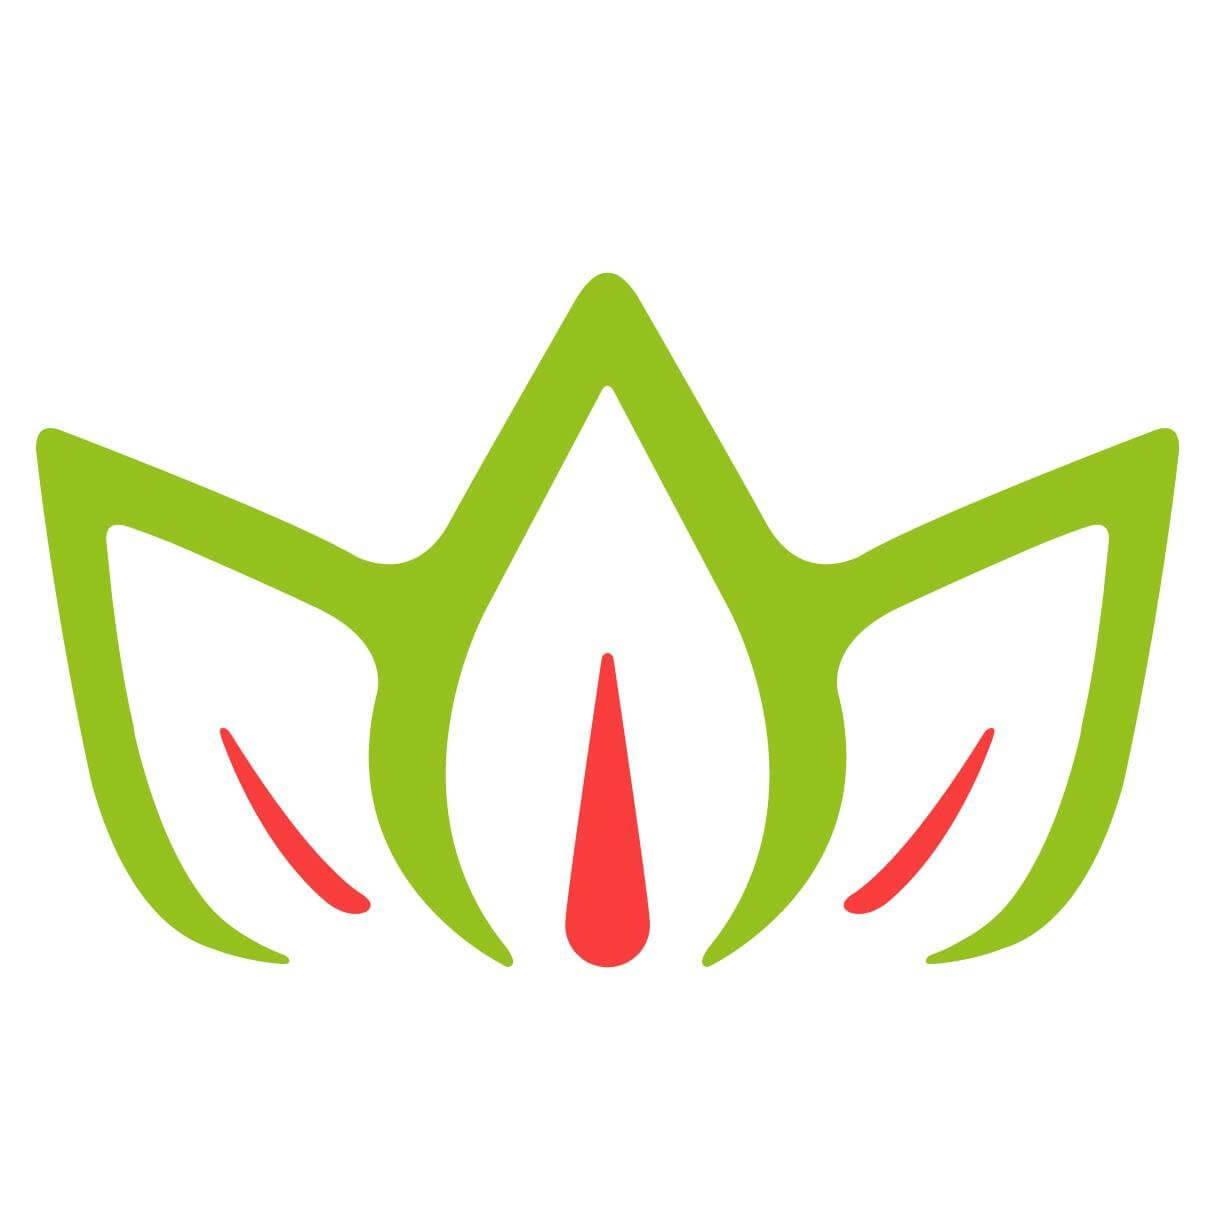 estilo sugar free logo